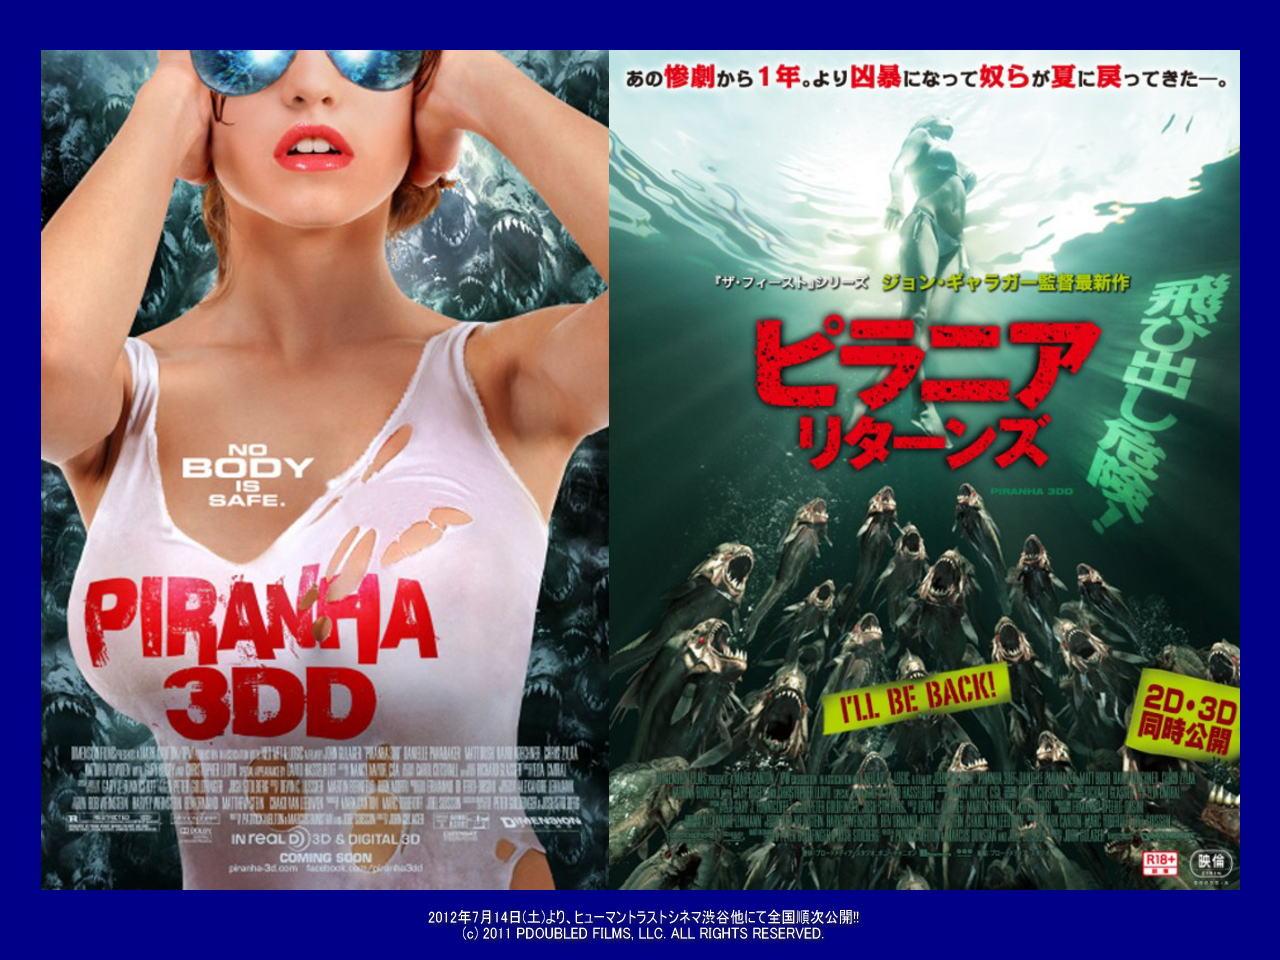 映画『ピラニア リターンズ PIRANHA 3DD』ポスター(5) ▼ポスター画像クリックで拡大します。